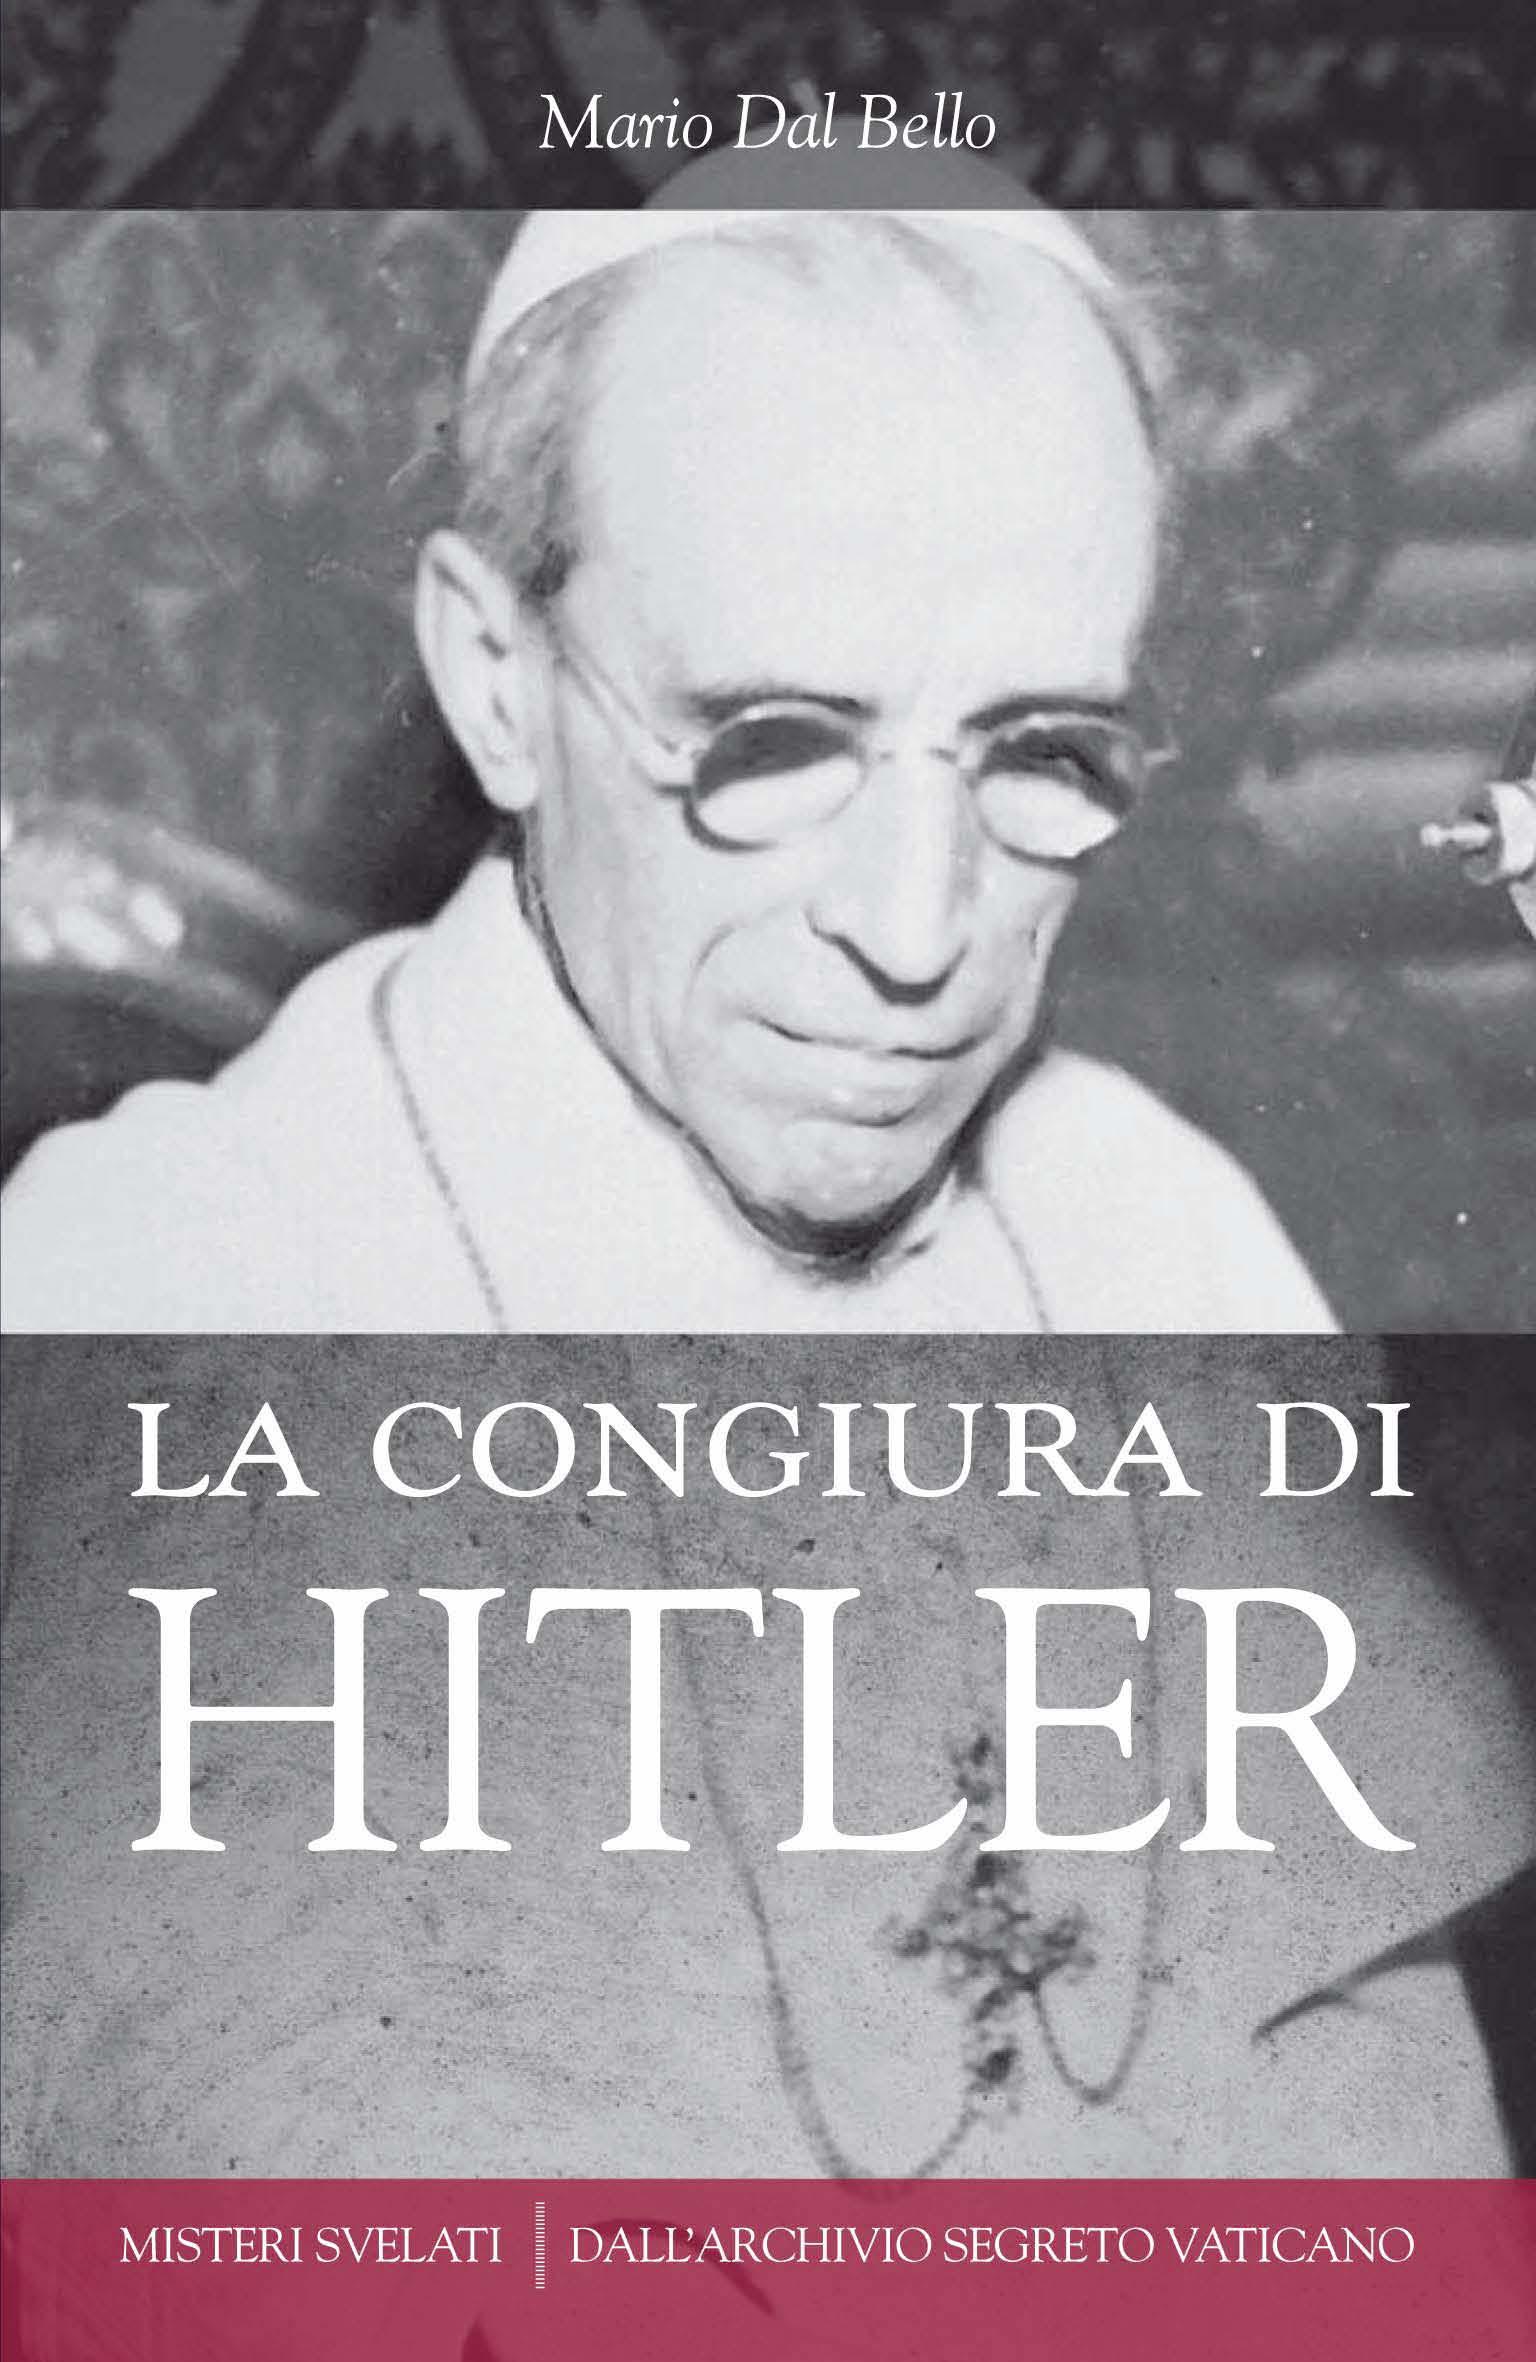 3116452 - CONGIURA HITLER